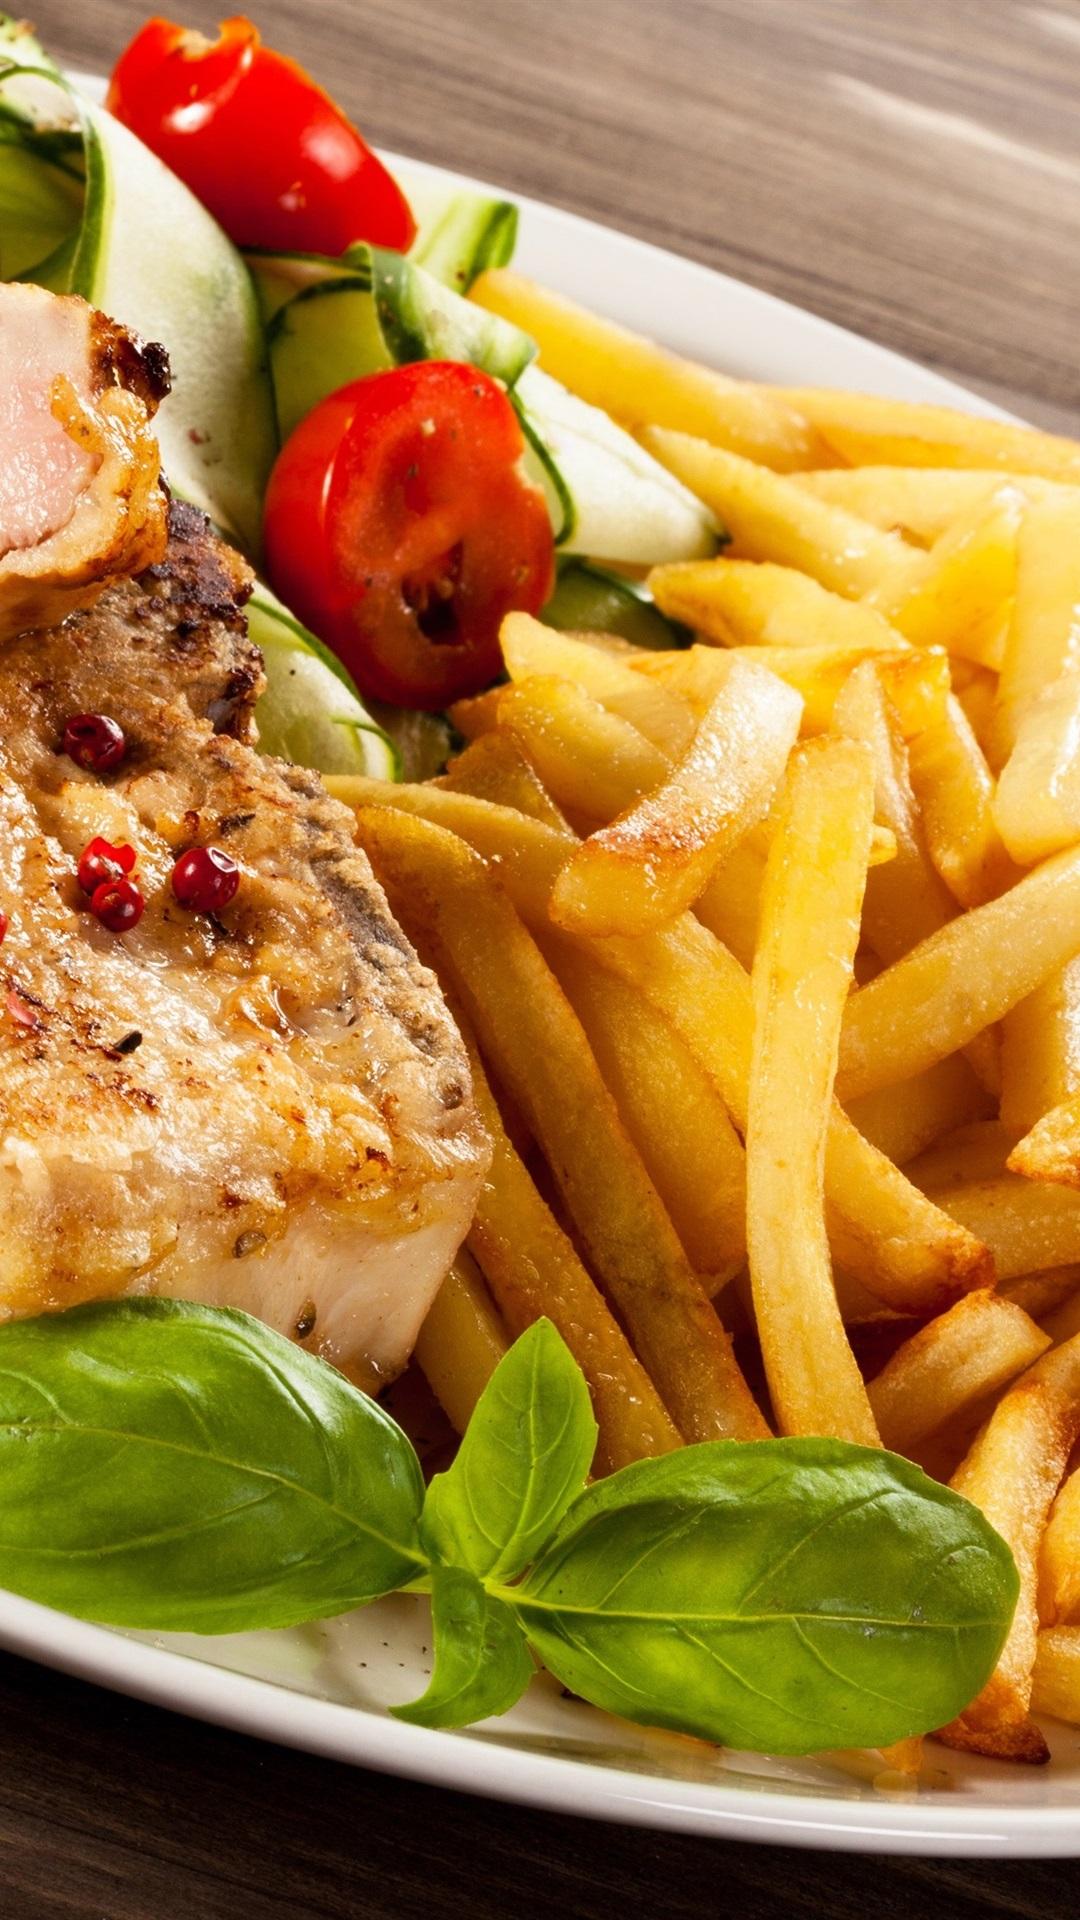 Картофельно Мясная Диета. Картофельная диета для похудения: меню с рецептами